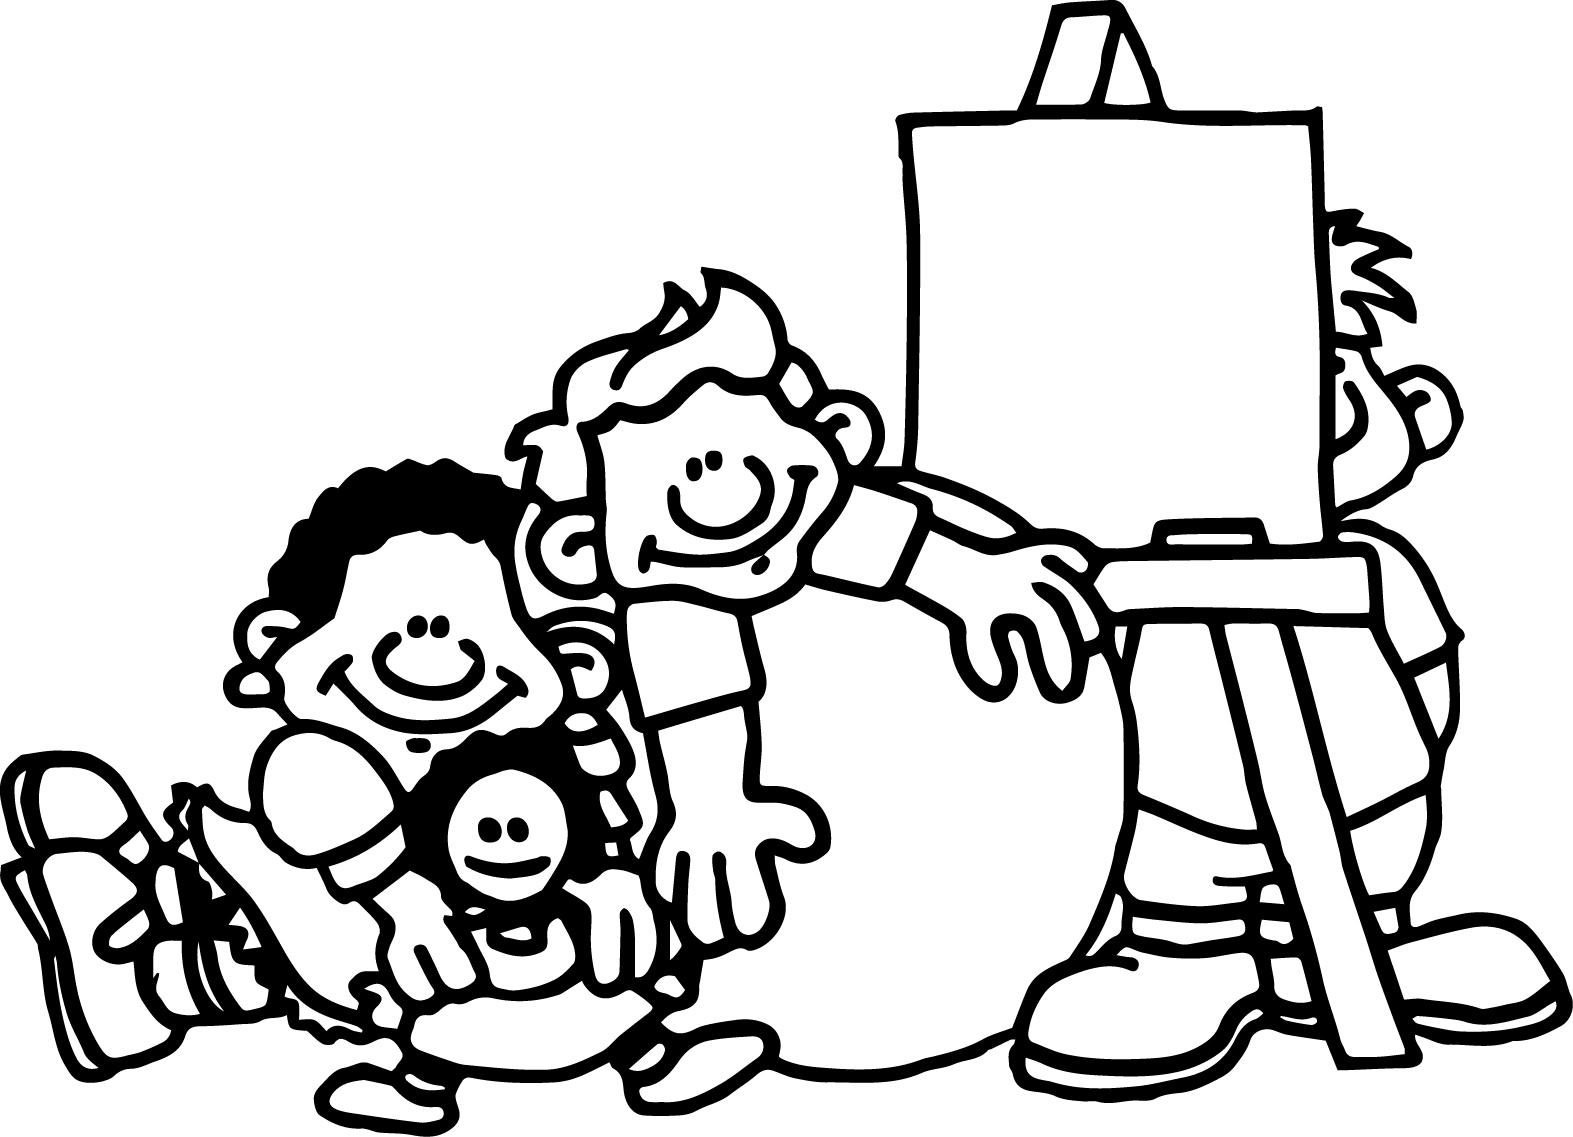 Preschool Coloring Page Sheet